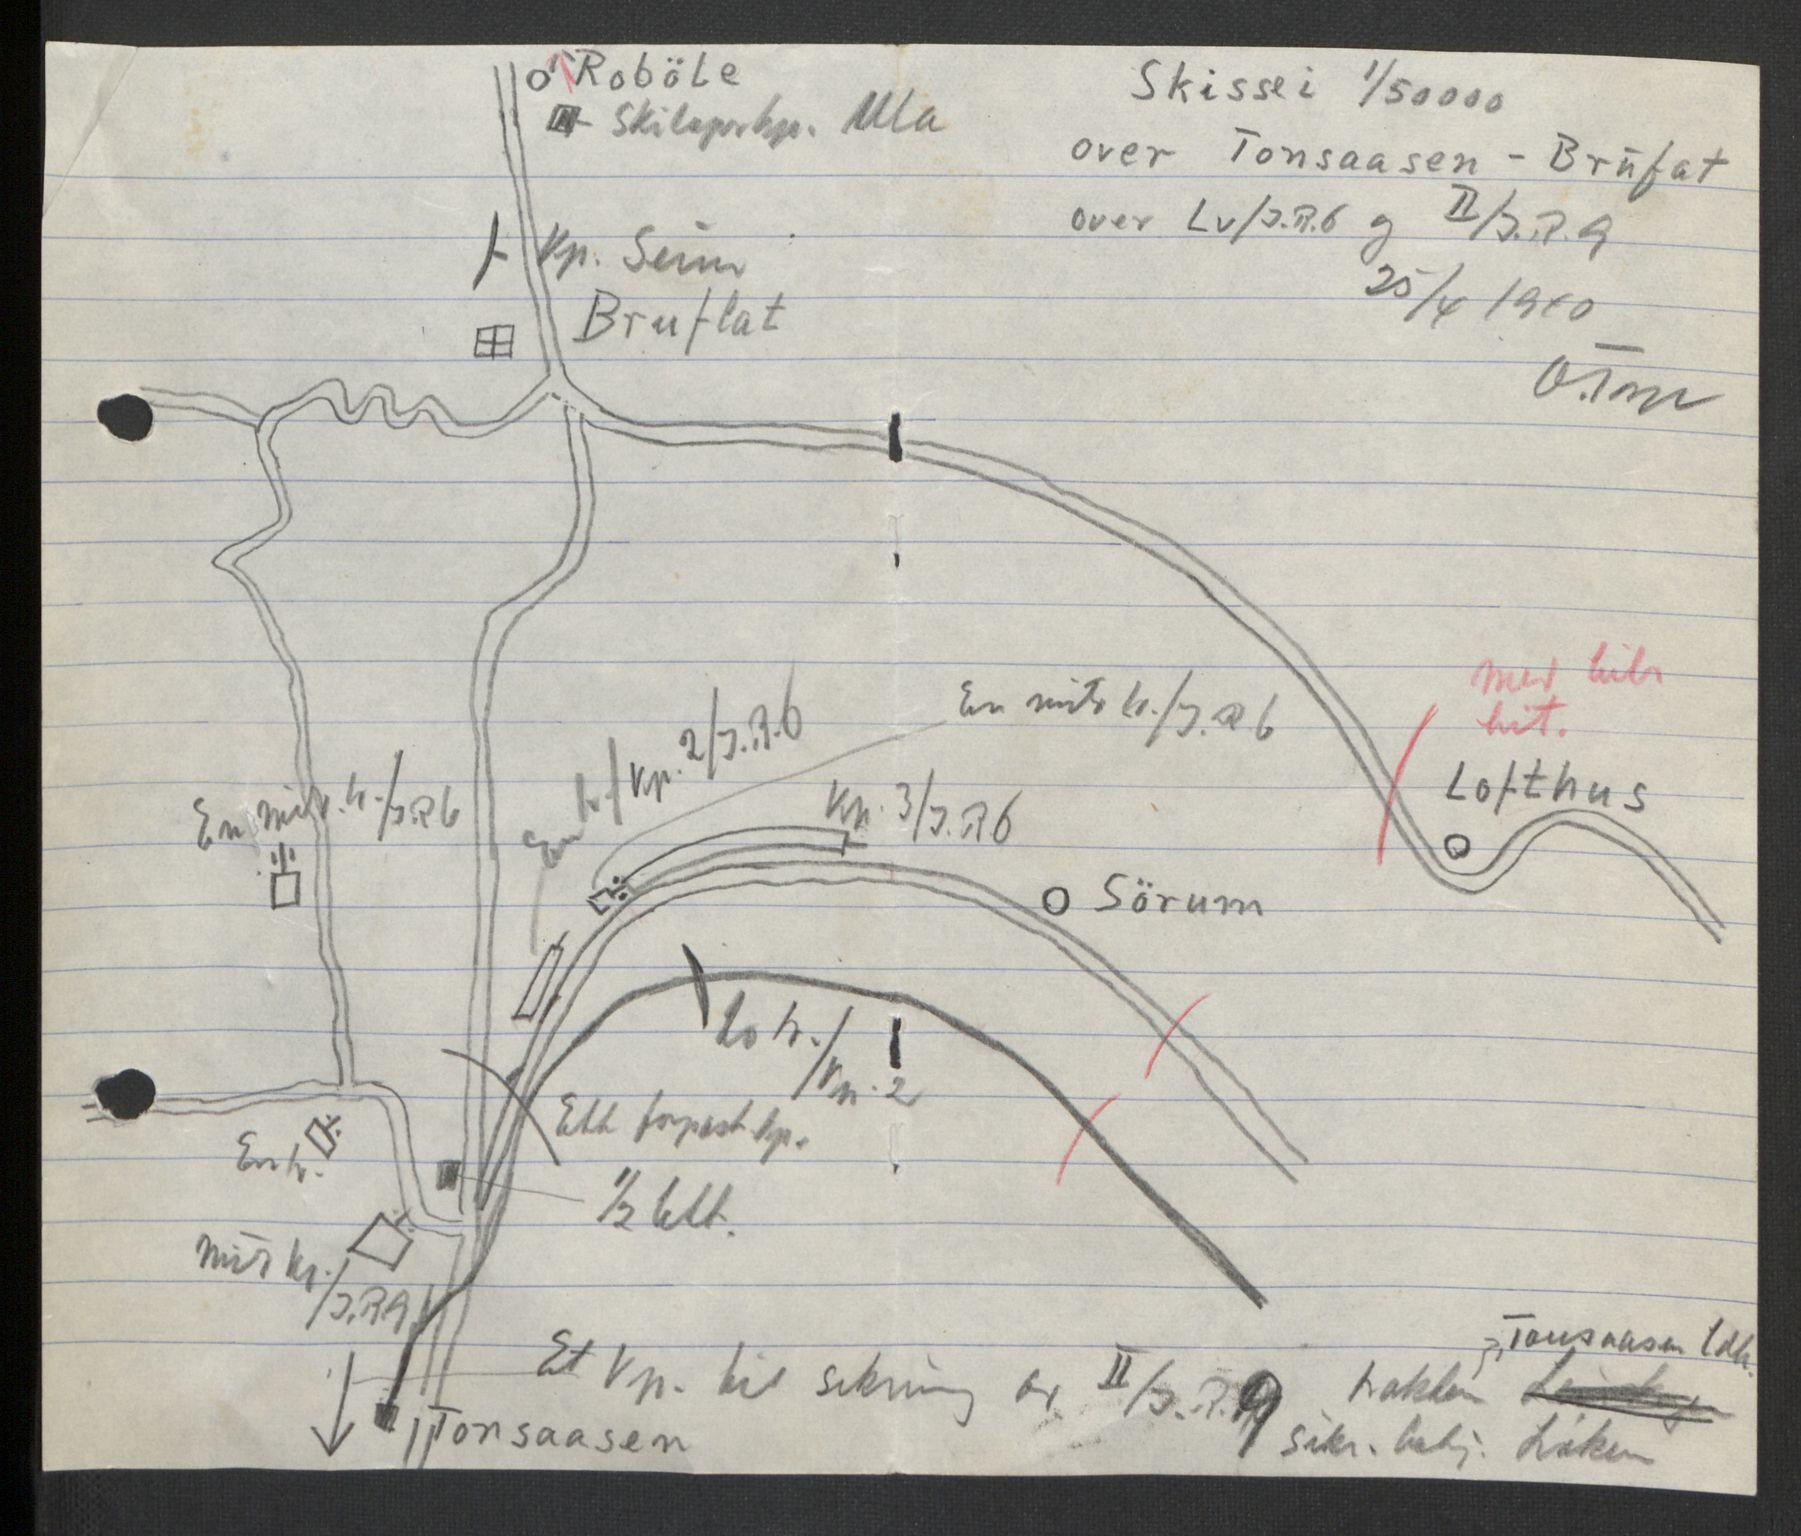 RA, Forsvaret, Forsvarets krigshistoriske avdeling, Y/Yb/L0104: II-C-11-430  -  4. Divisjon., 1940, s. 220